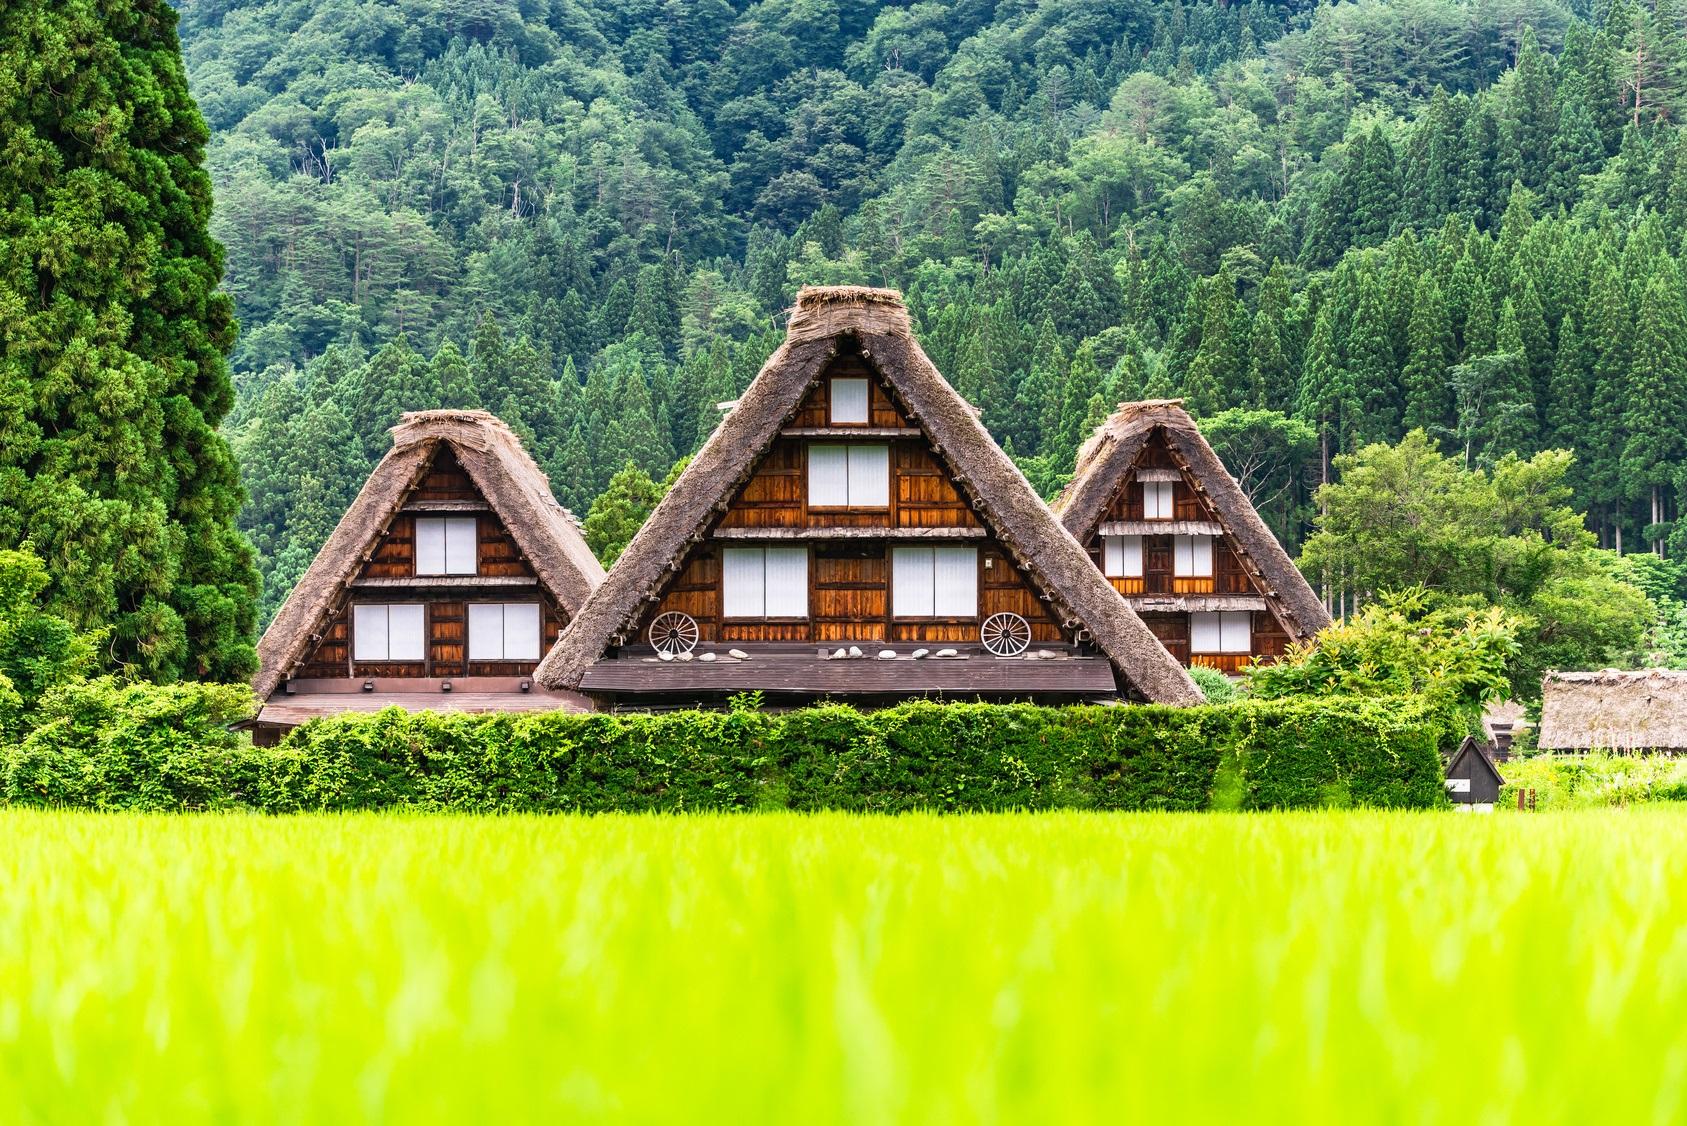 日本白川鄉合掌村+飛驒高山一日遊(第二件9折 當地特色美食)